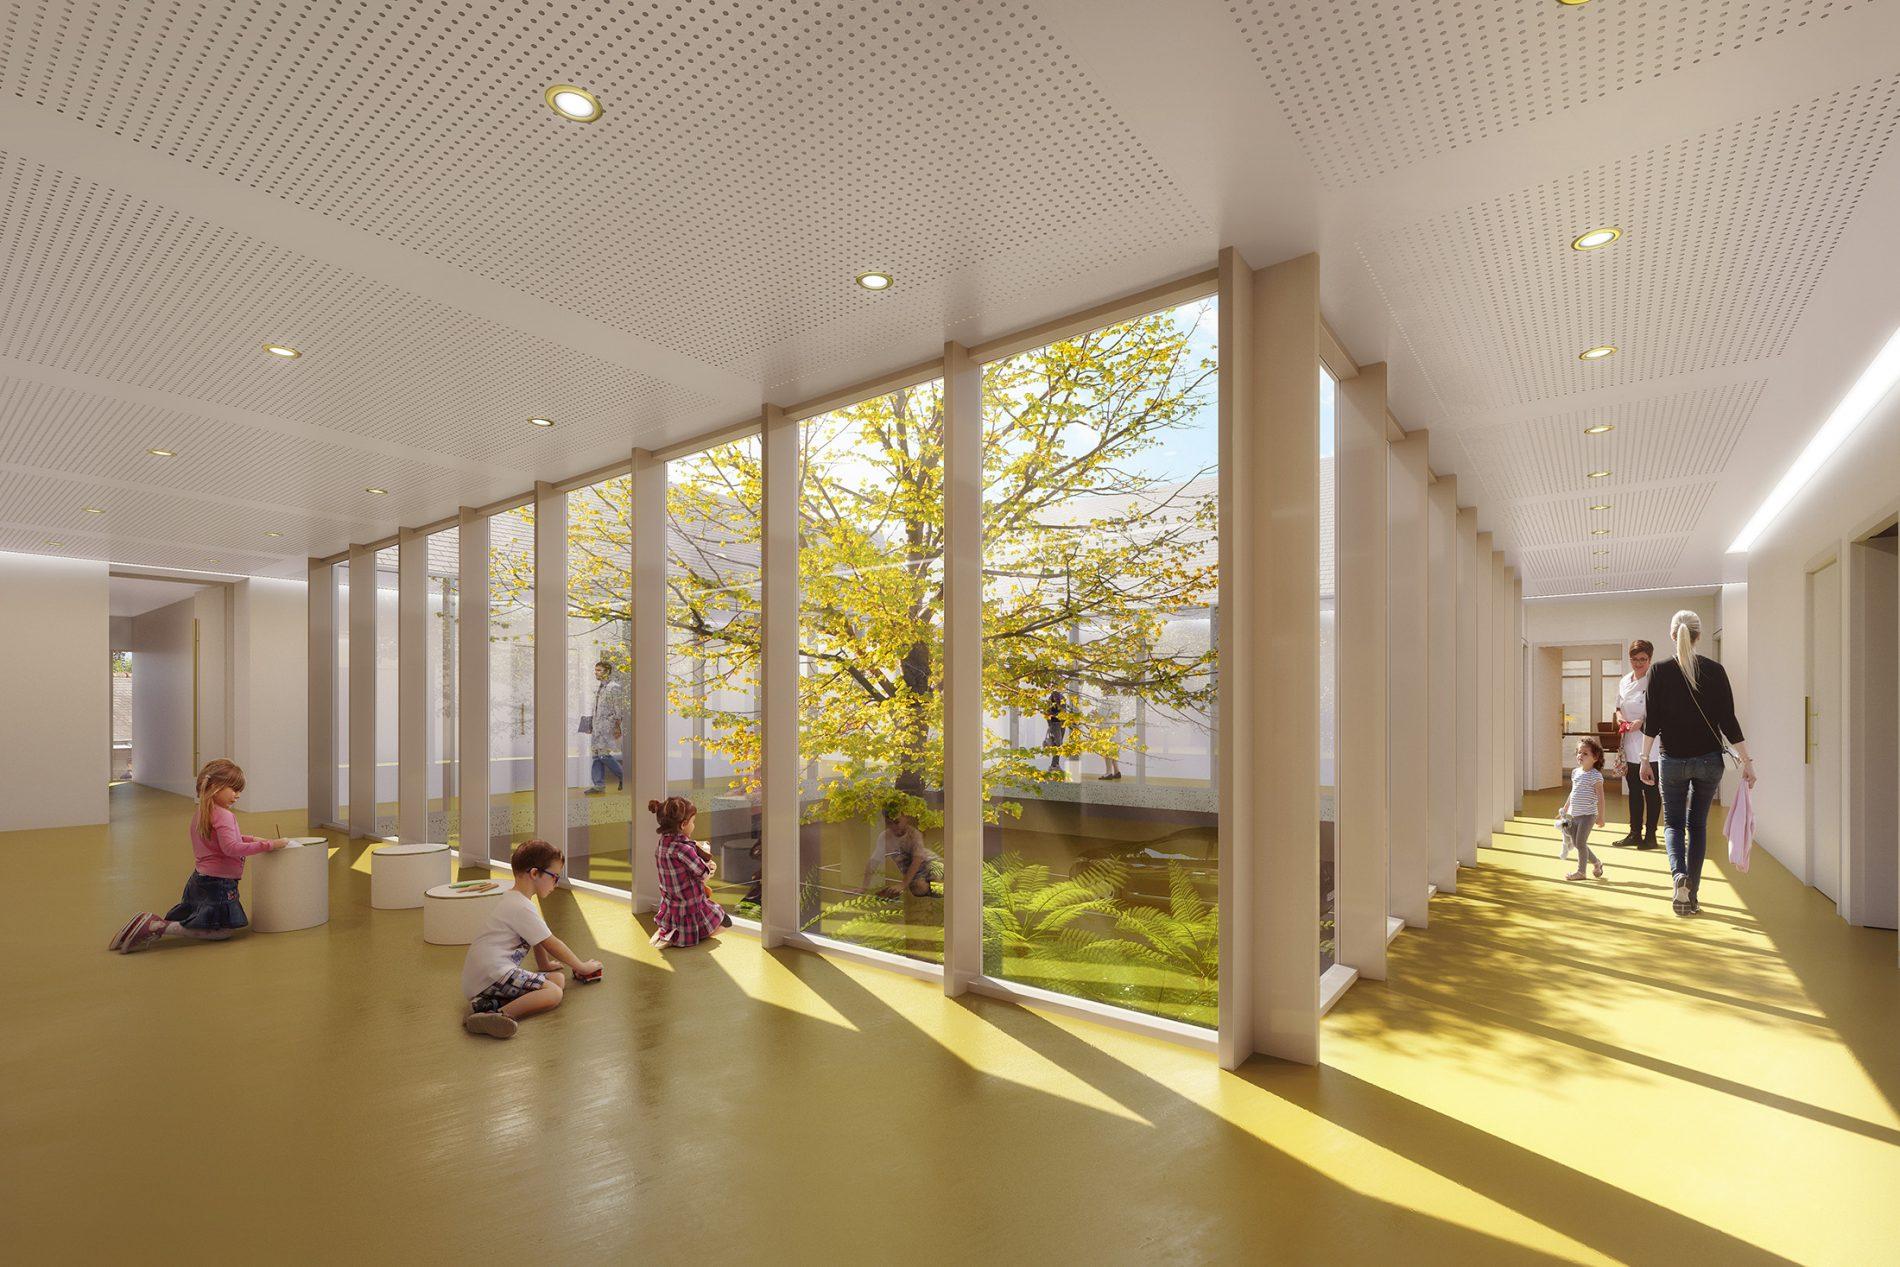 Image du concours d'architecture de la maison de santé à Doué-en-Anjou, hall d'accueil en coursive